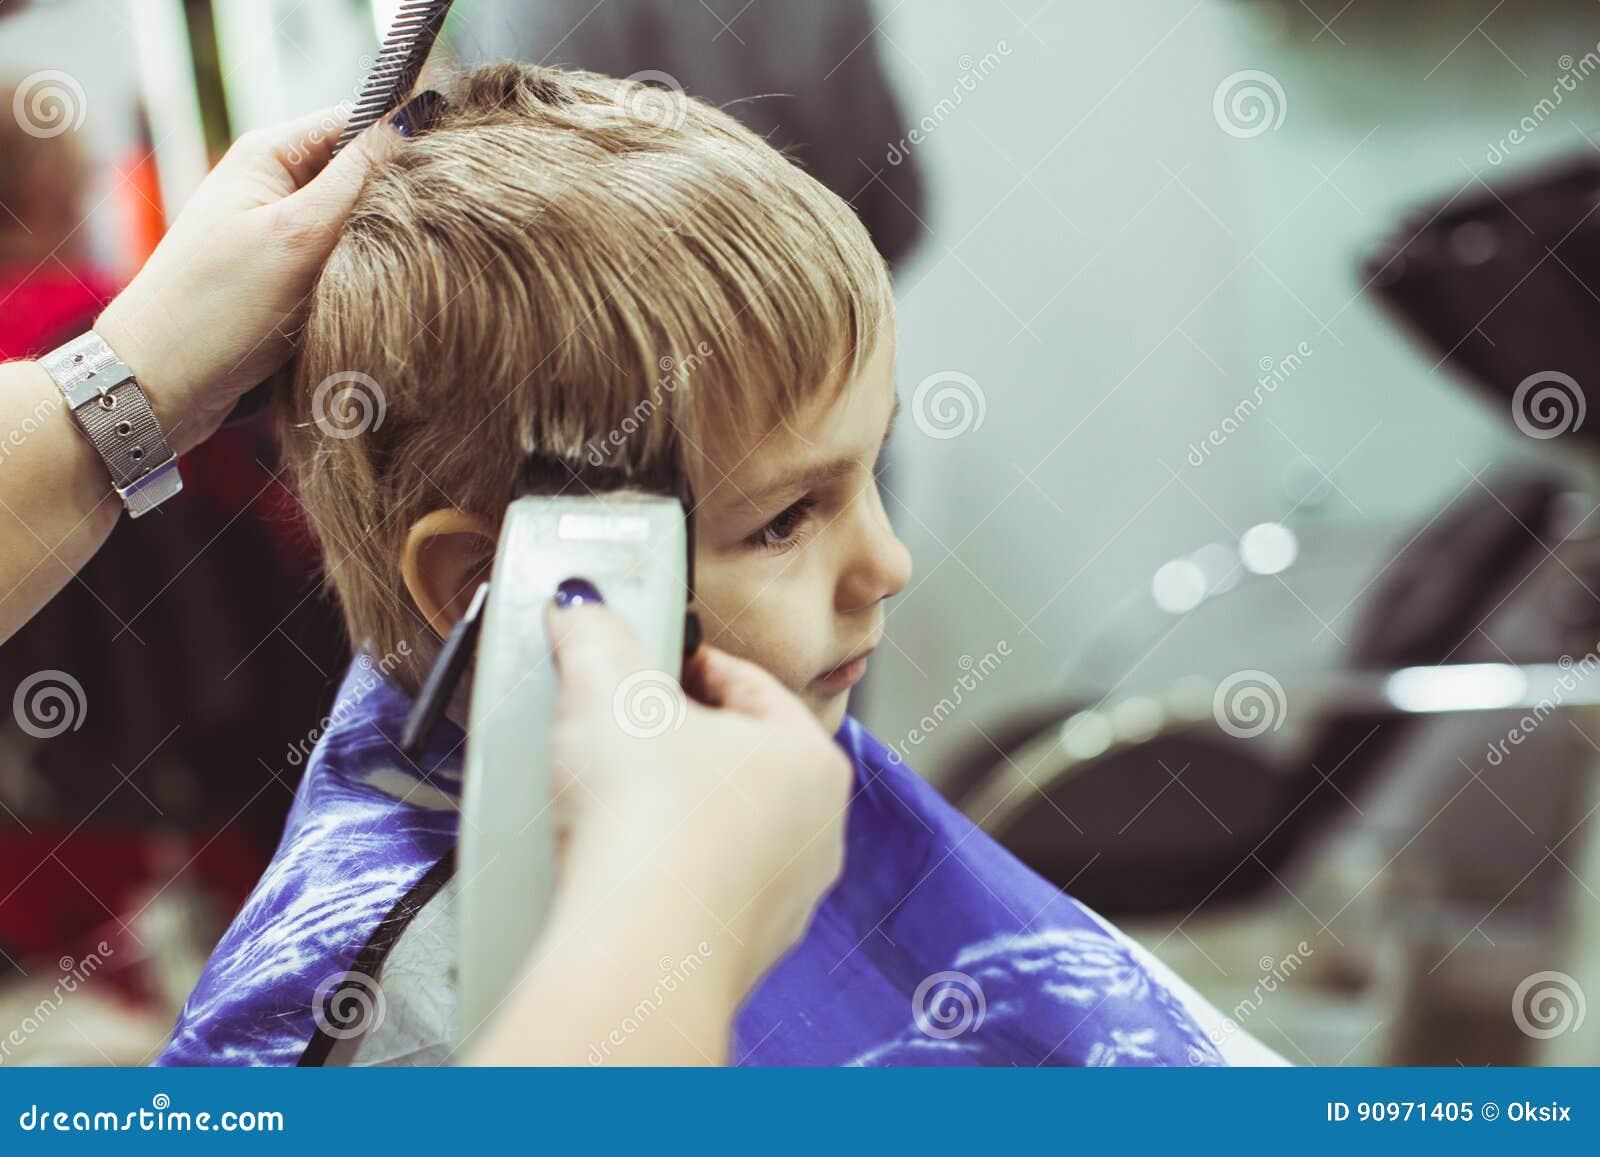 Kleiner Junge Macht Frisur Am Friseur Stockbild Bild Von Schon